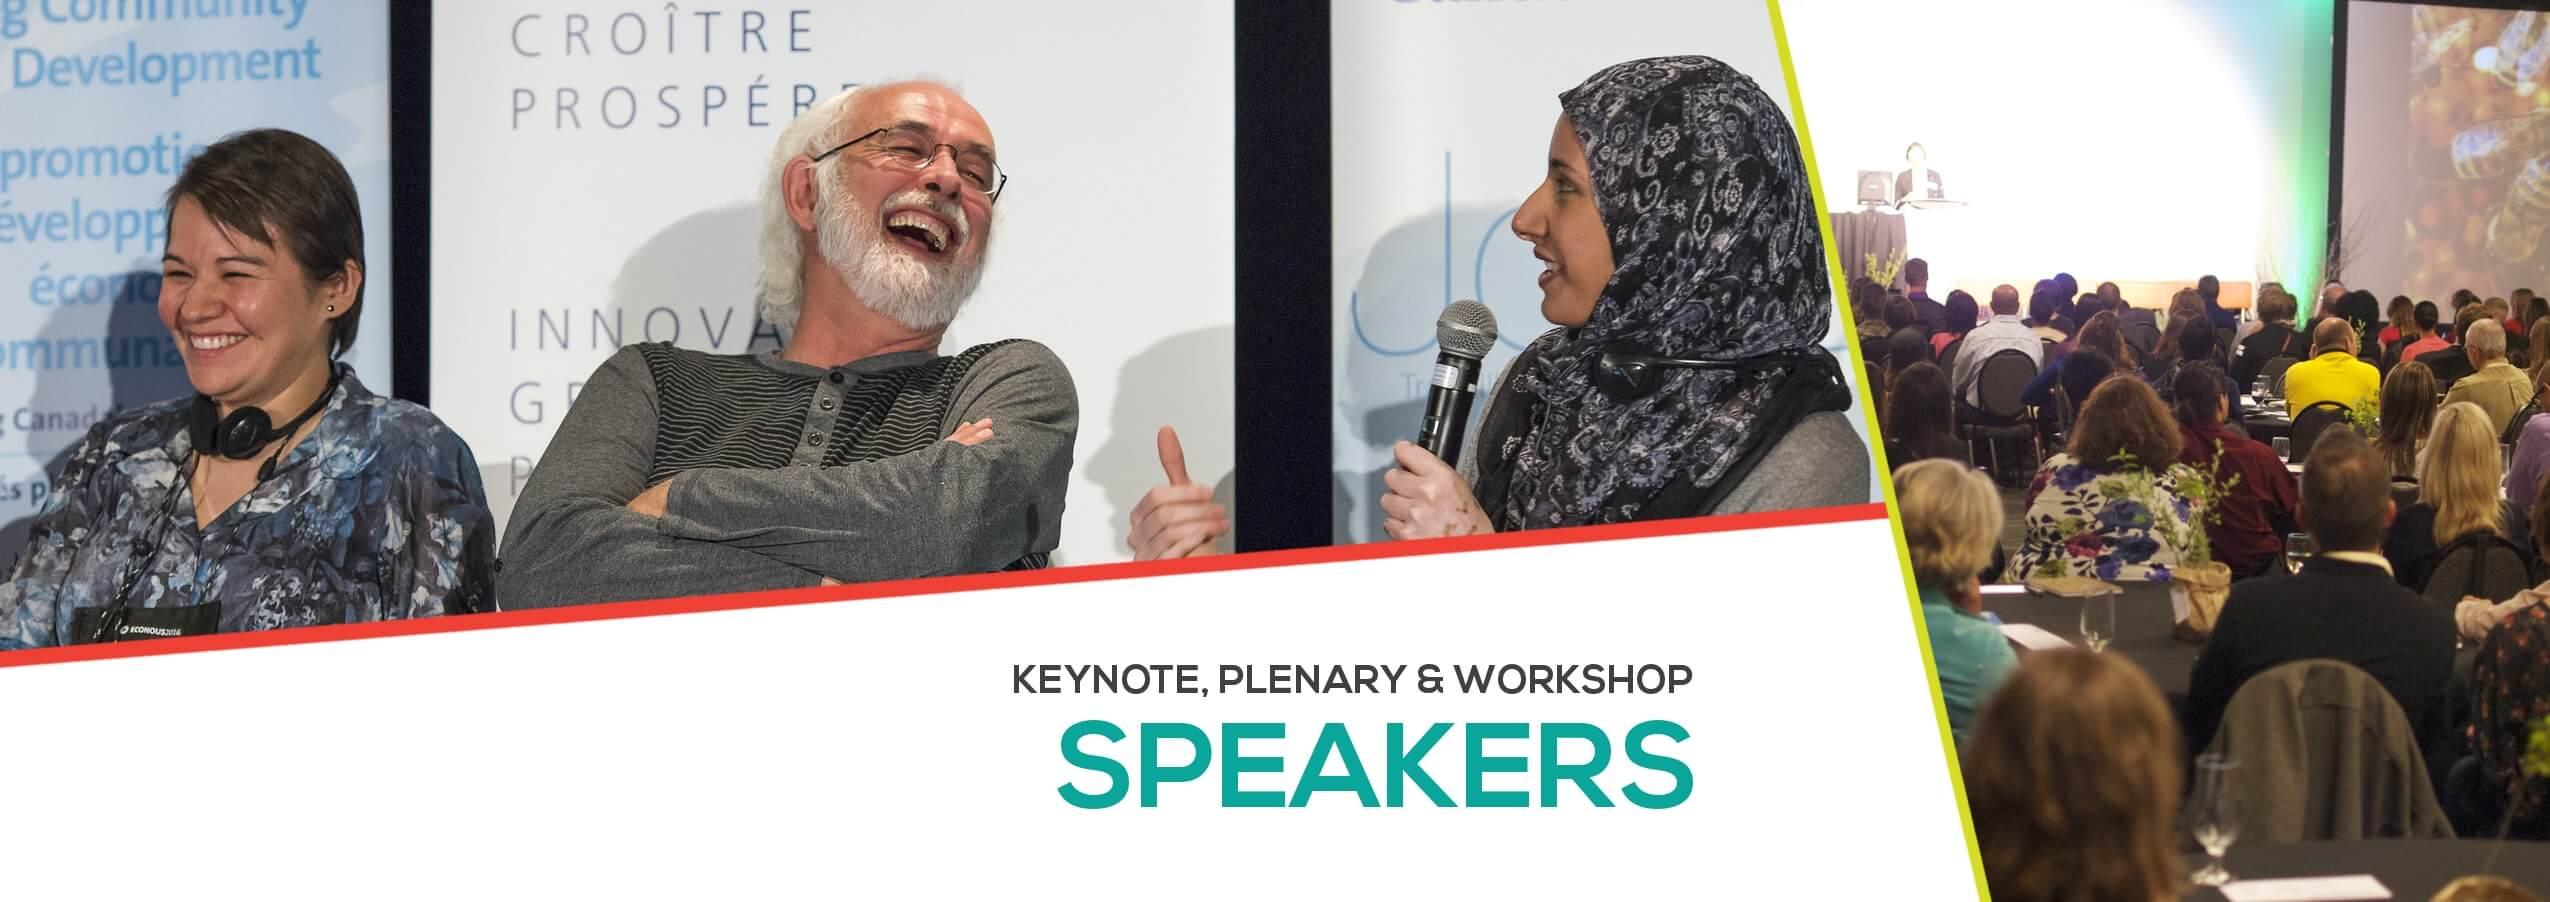 Keynote, PLenary & Workshop Speakers